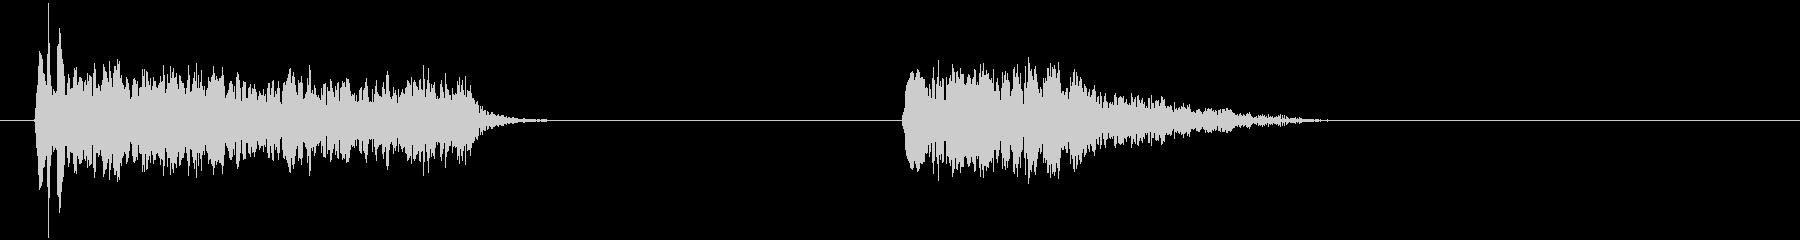 フレンチホーンジャンブル-2エフェ...の未再生の波形